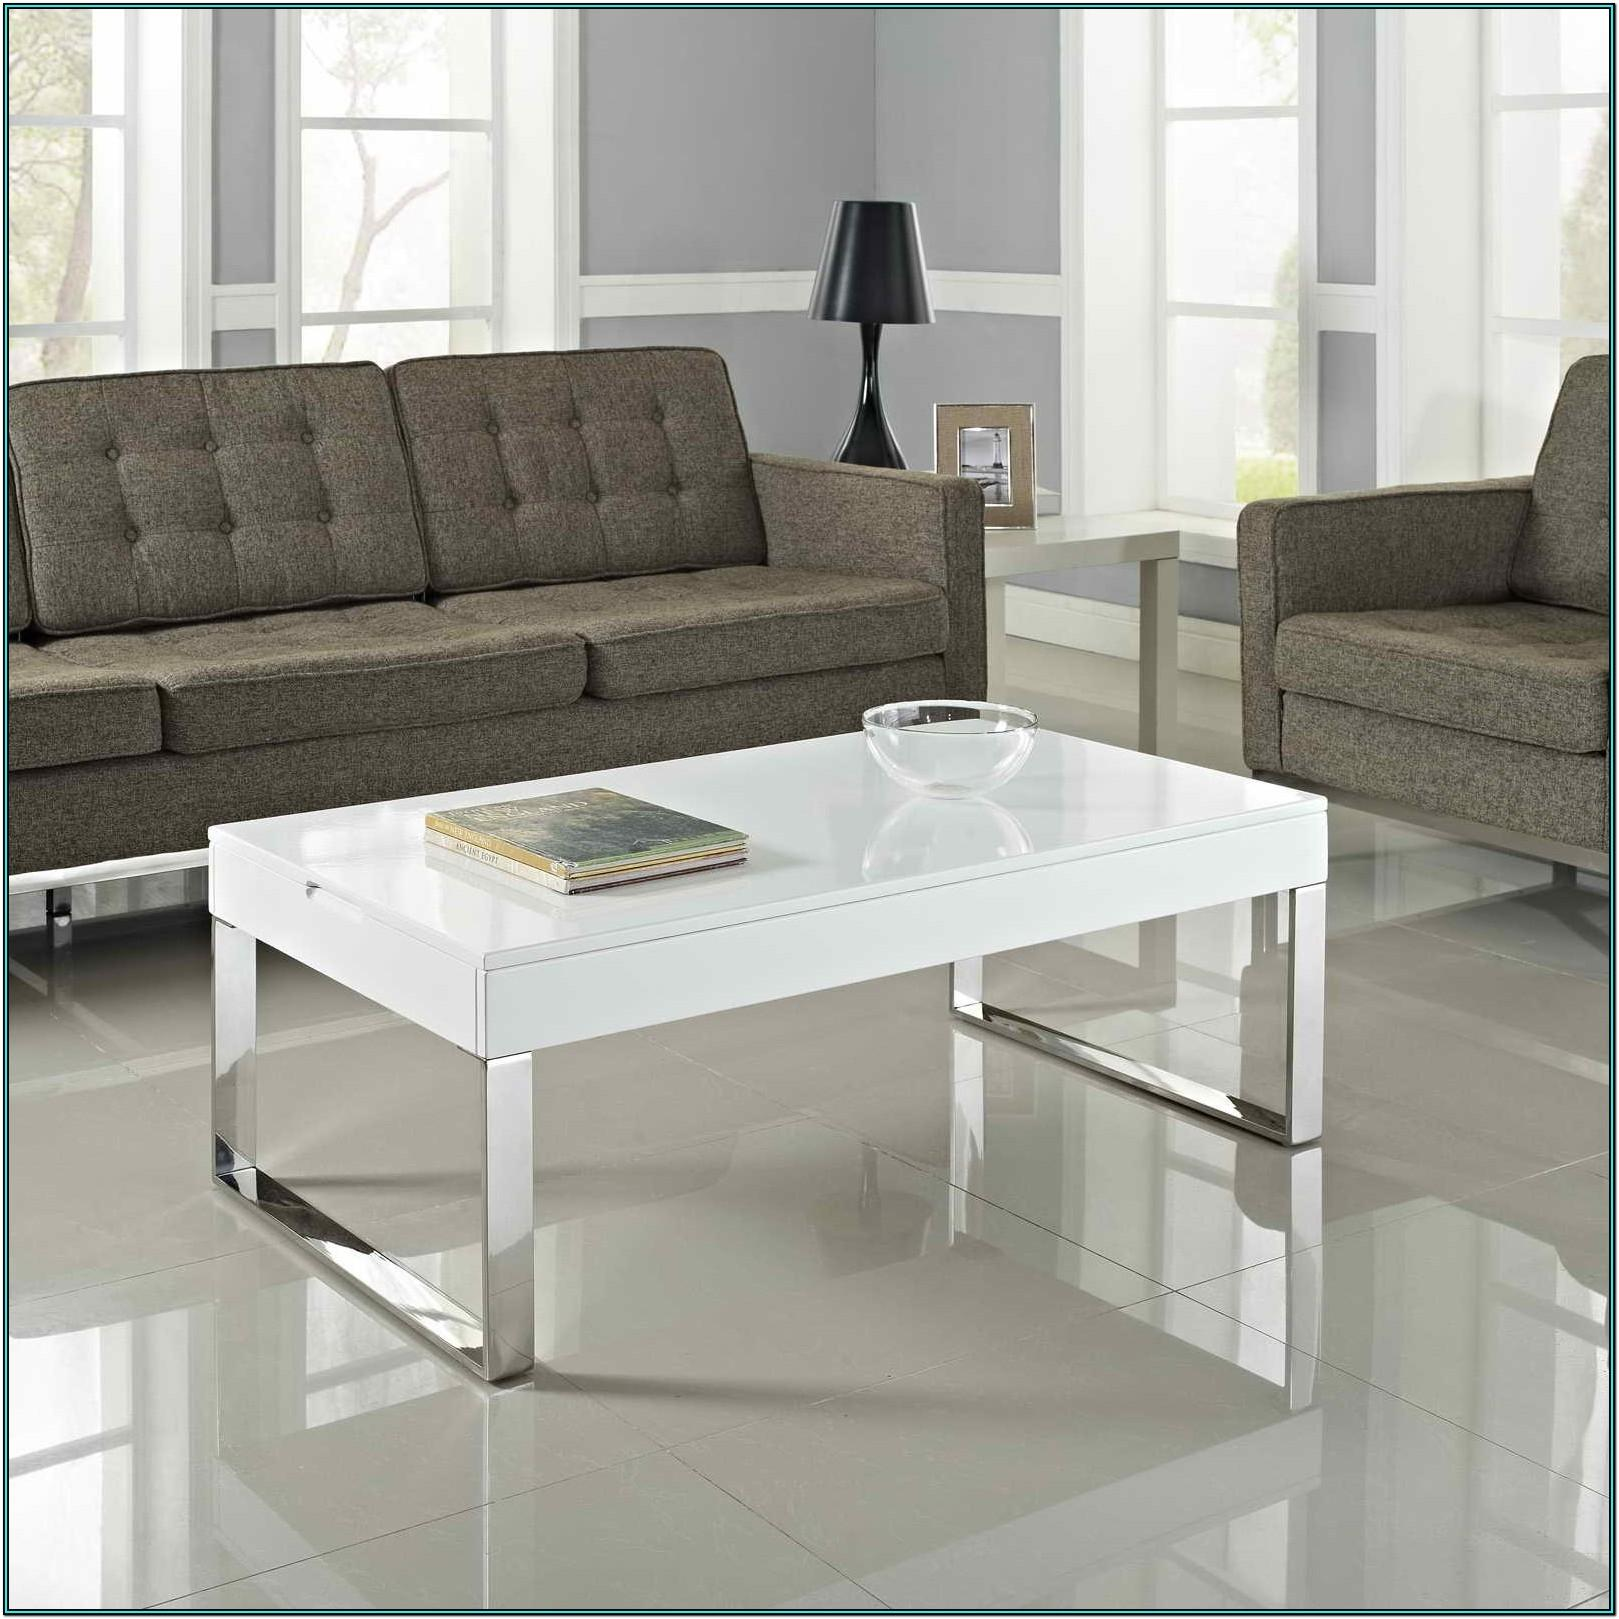 Living Room White Center Table